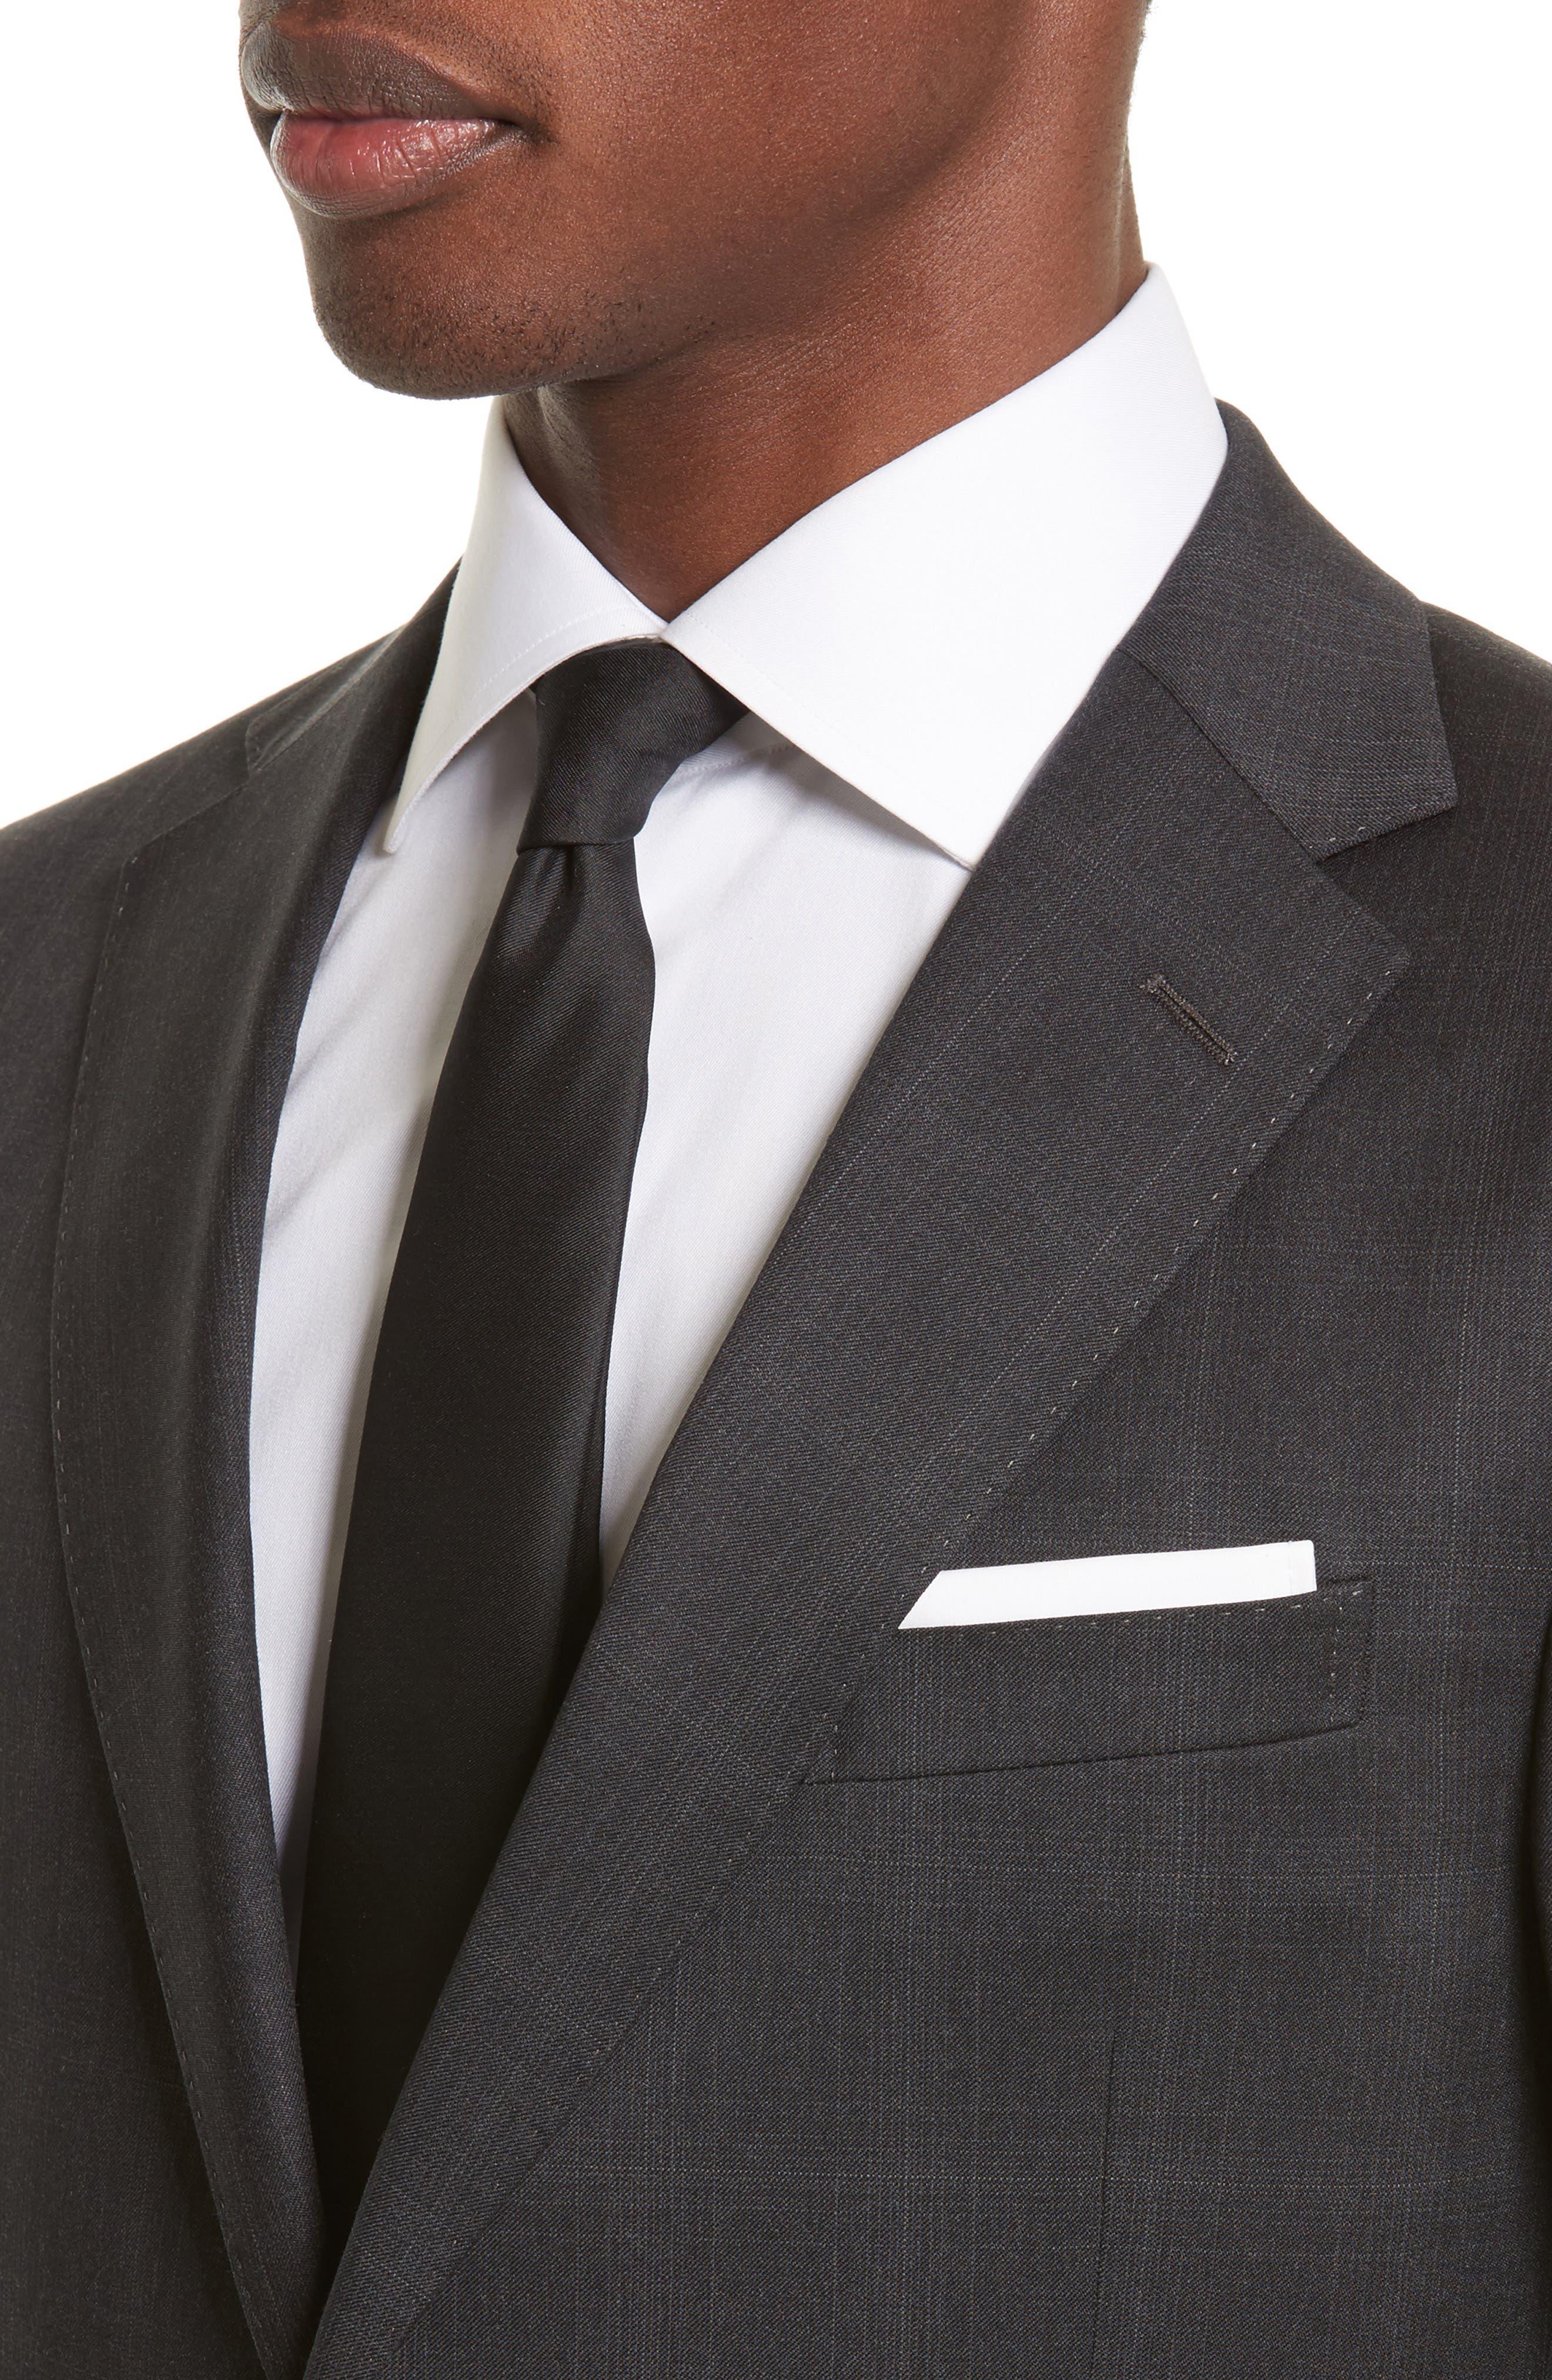 Drop 7 Trim Fit Plaid Wool Suit,                             Alternate thumbnail 4, color,                             026